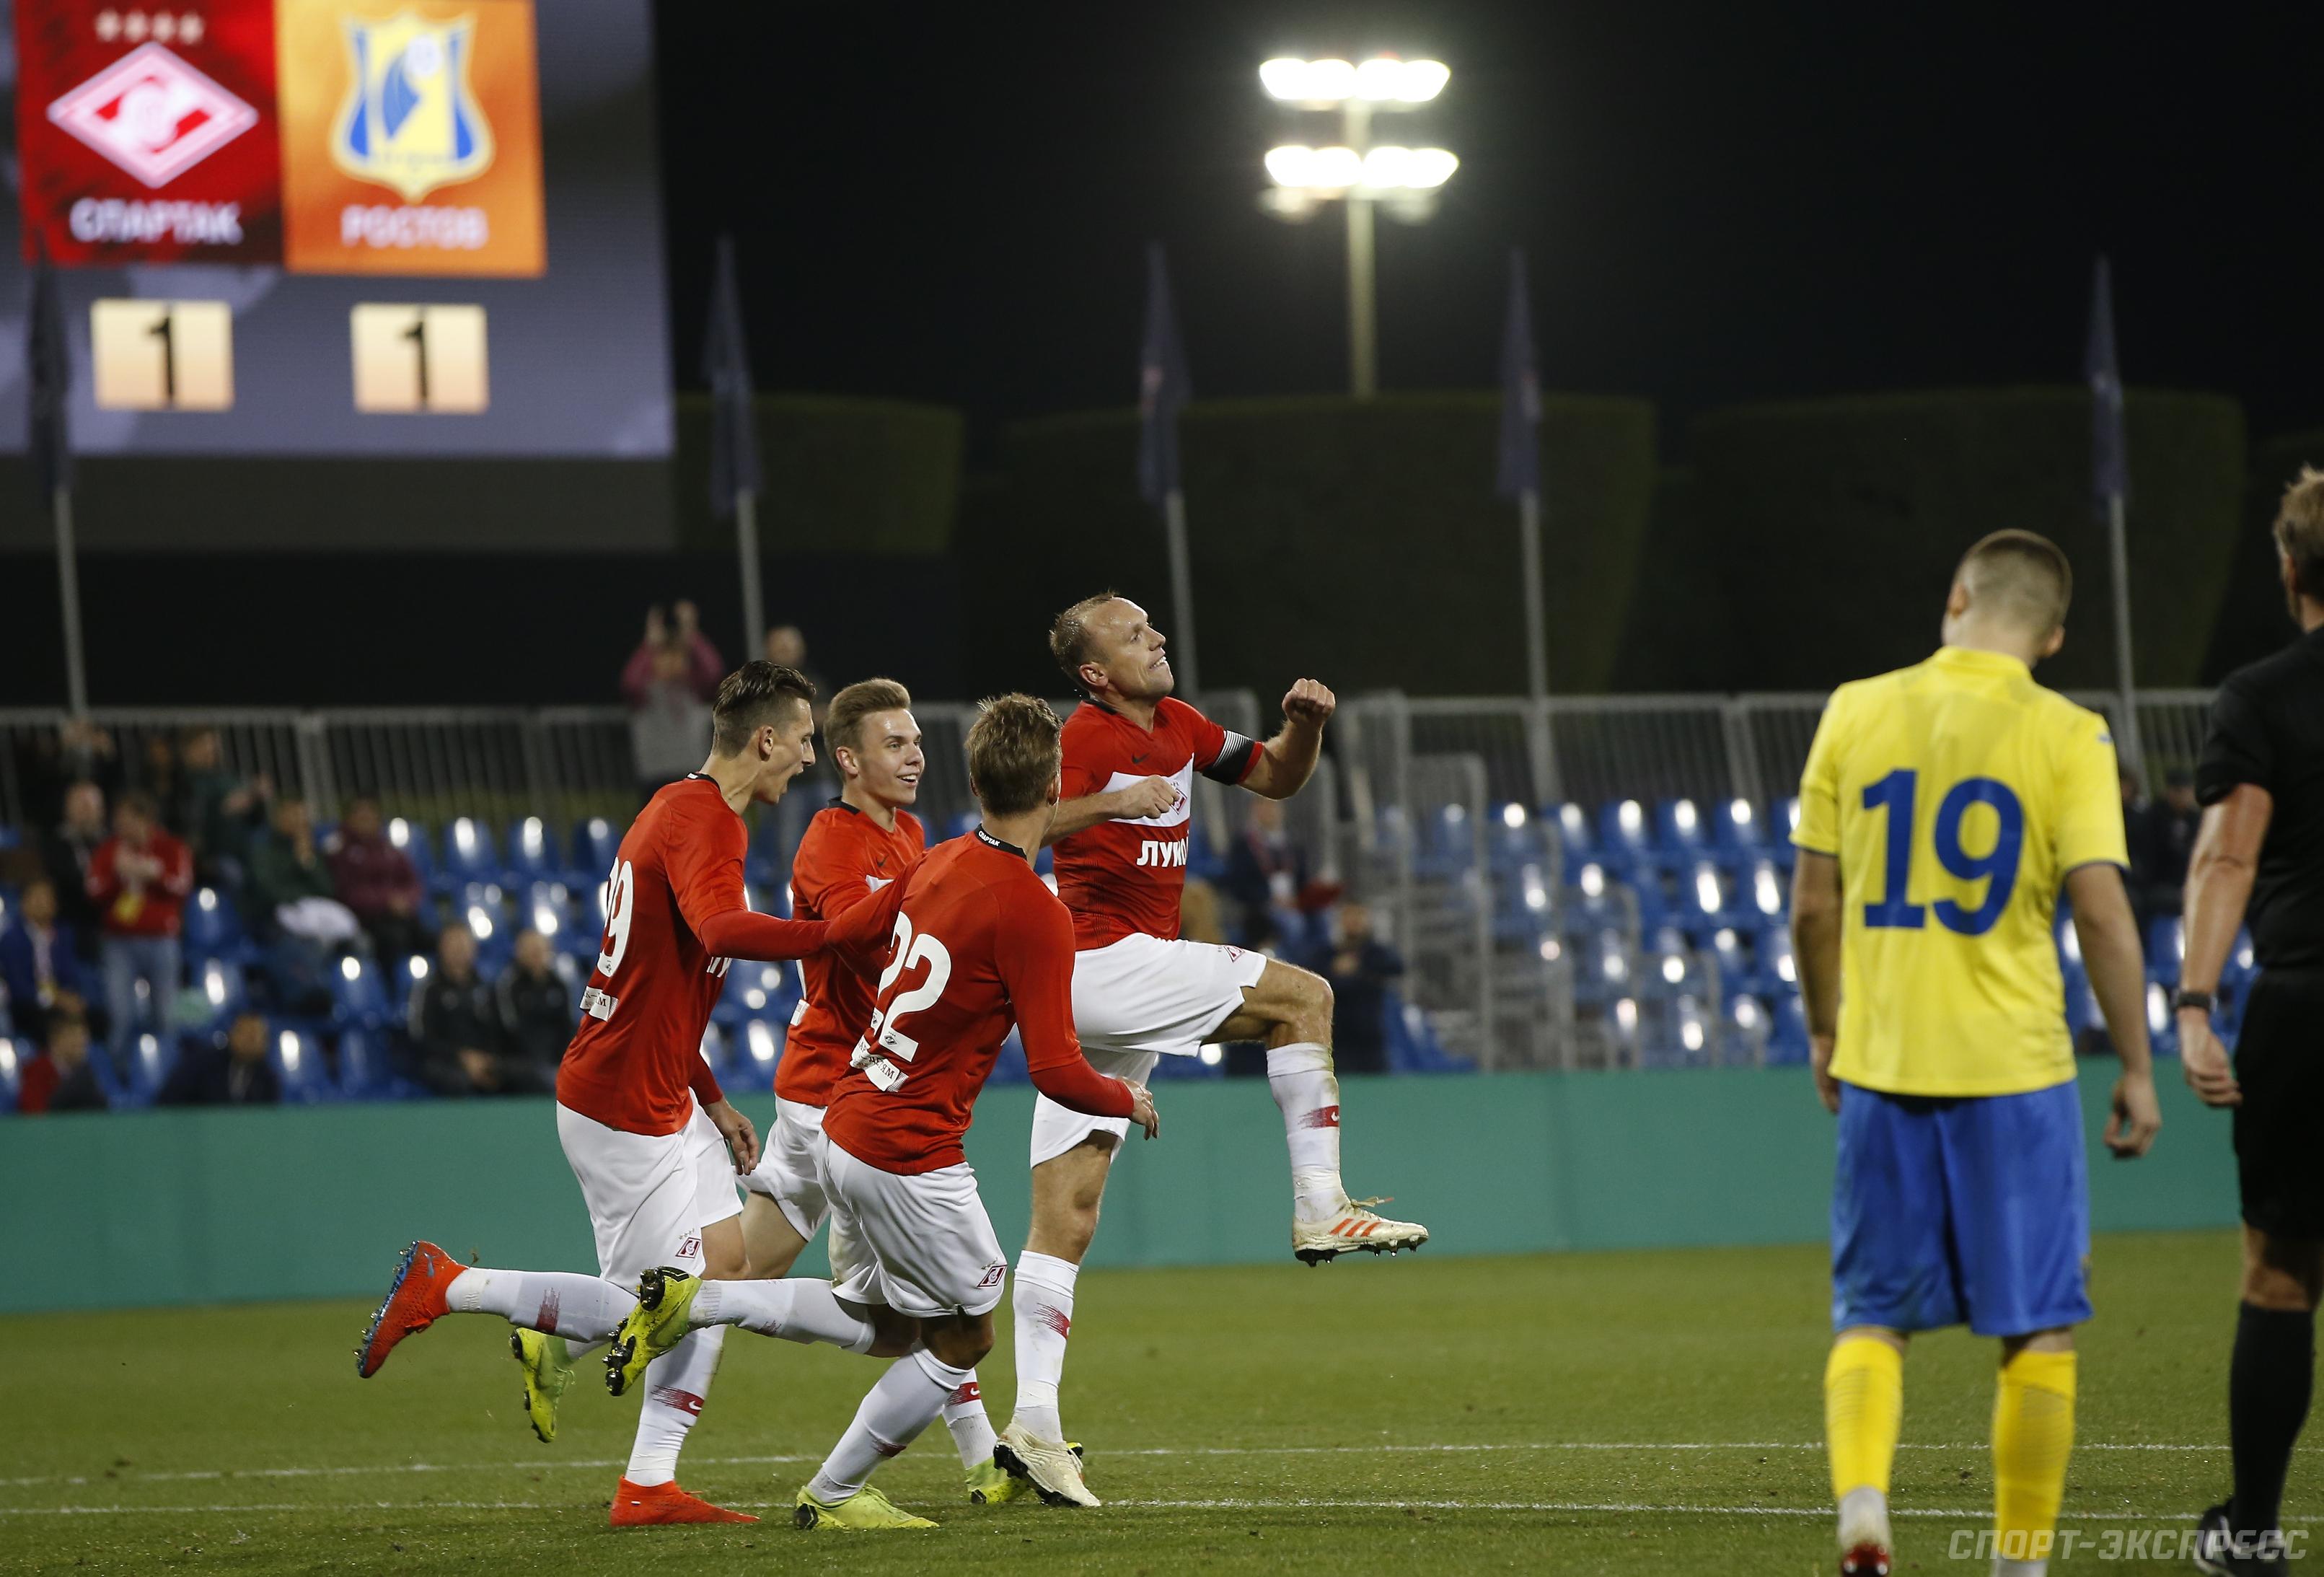 Новый видеообзор матча ЦСКА-Енисей 8 декабря 2019 года, голы. Лучшие моменты и счёт. Видео новые фото